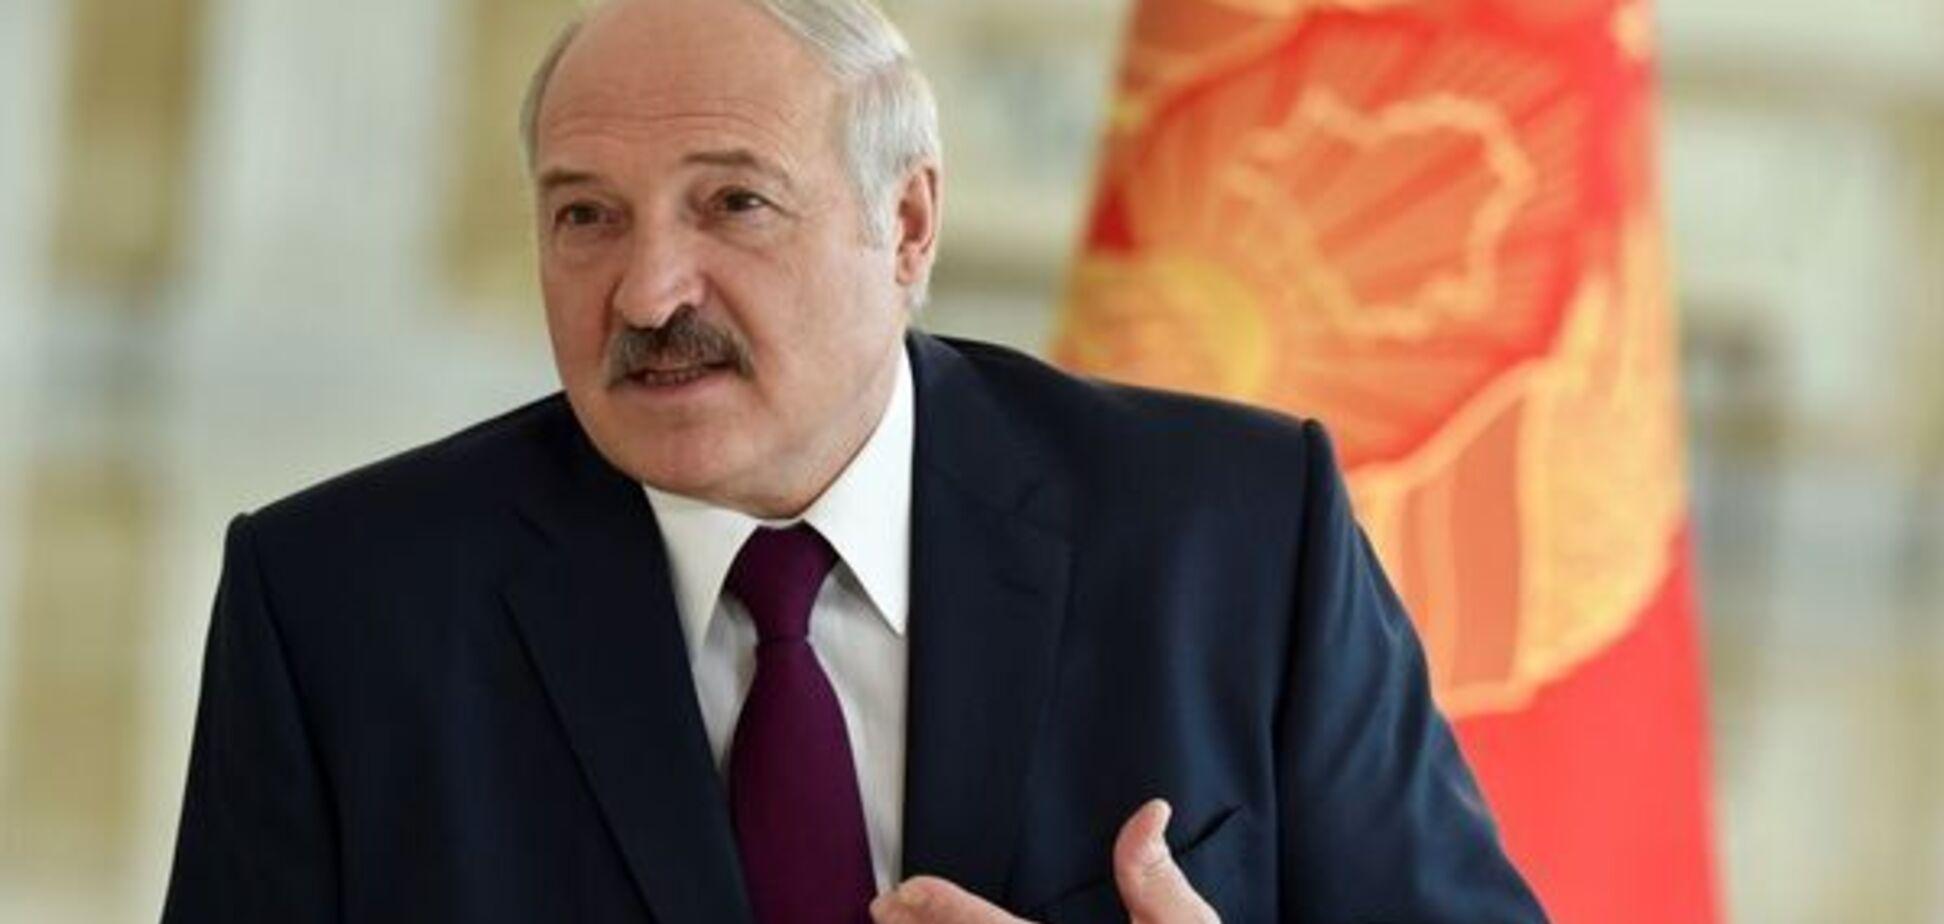 'Готові ввести війська!' Лукашенко зробив гучну заяву щодо Донбасу